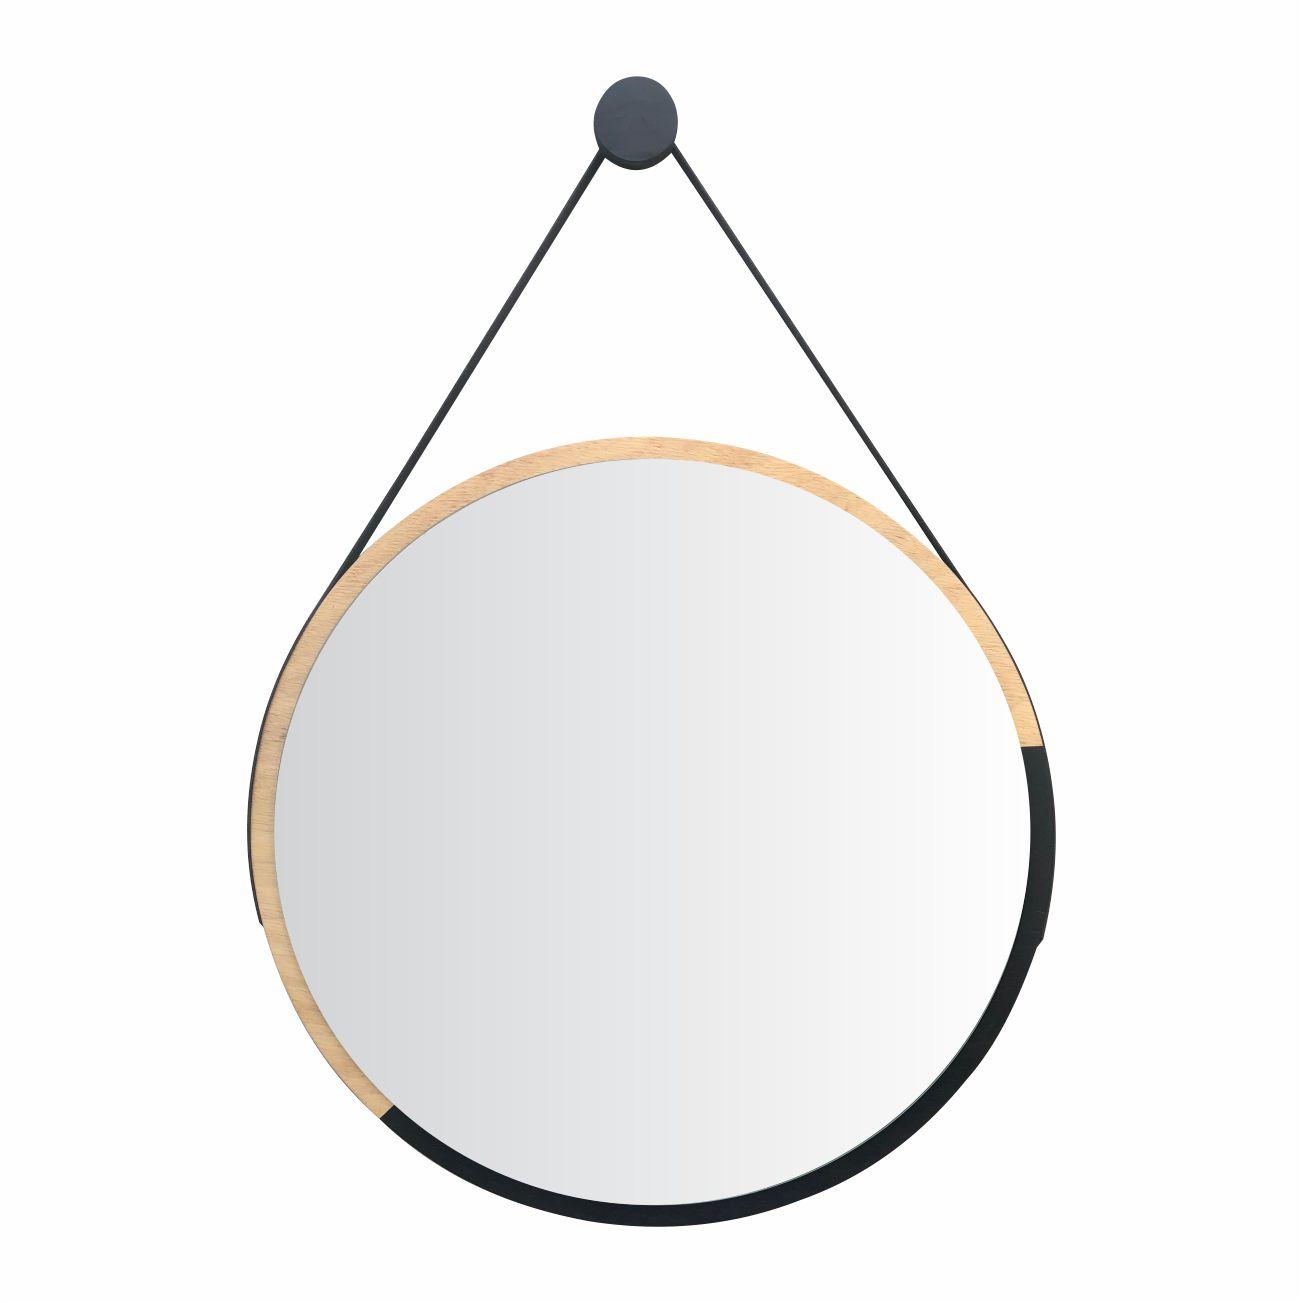 Espelho Escandinavo Adnet Duo Preto e Alça 60cm + Pendurador